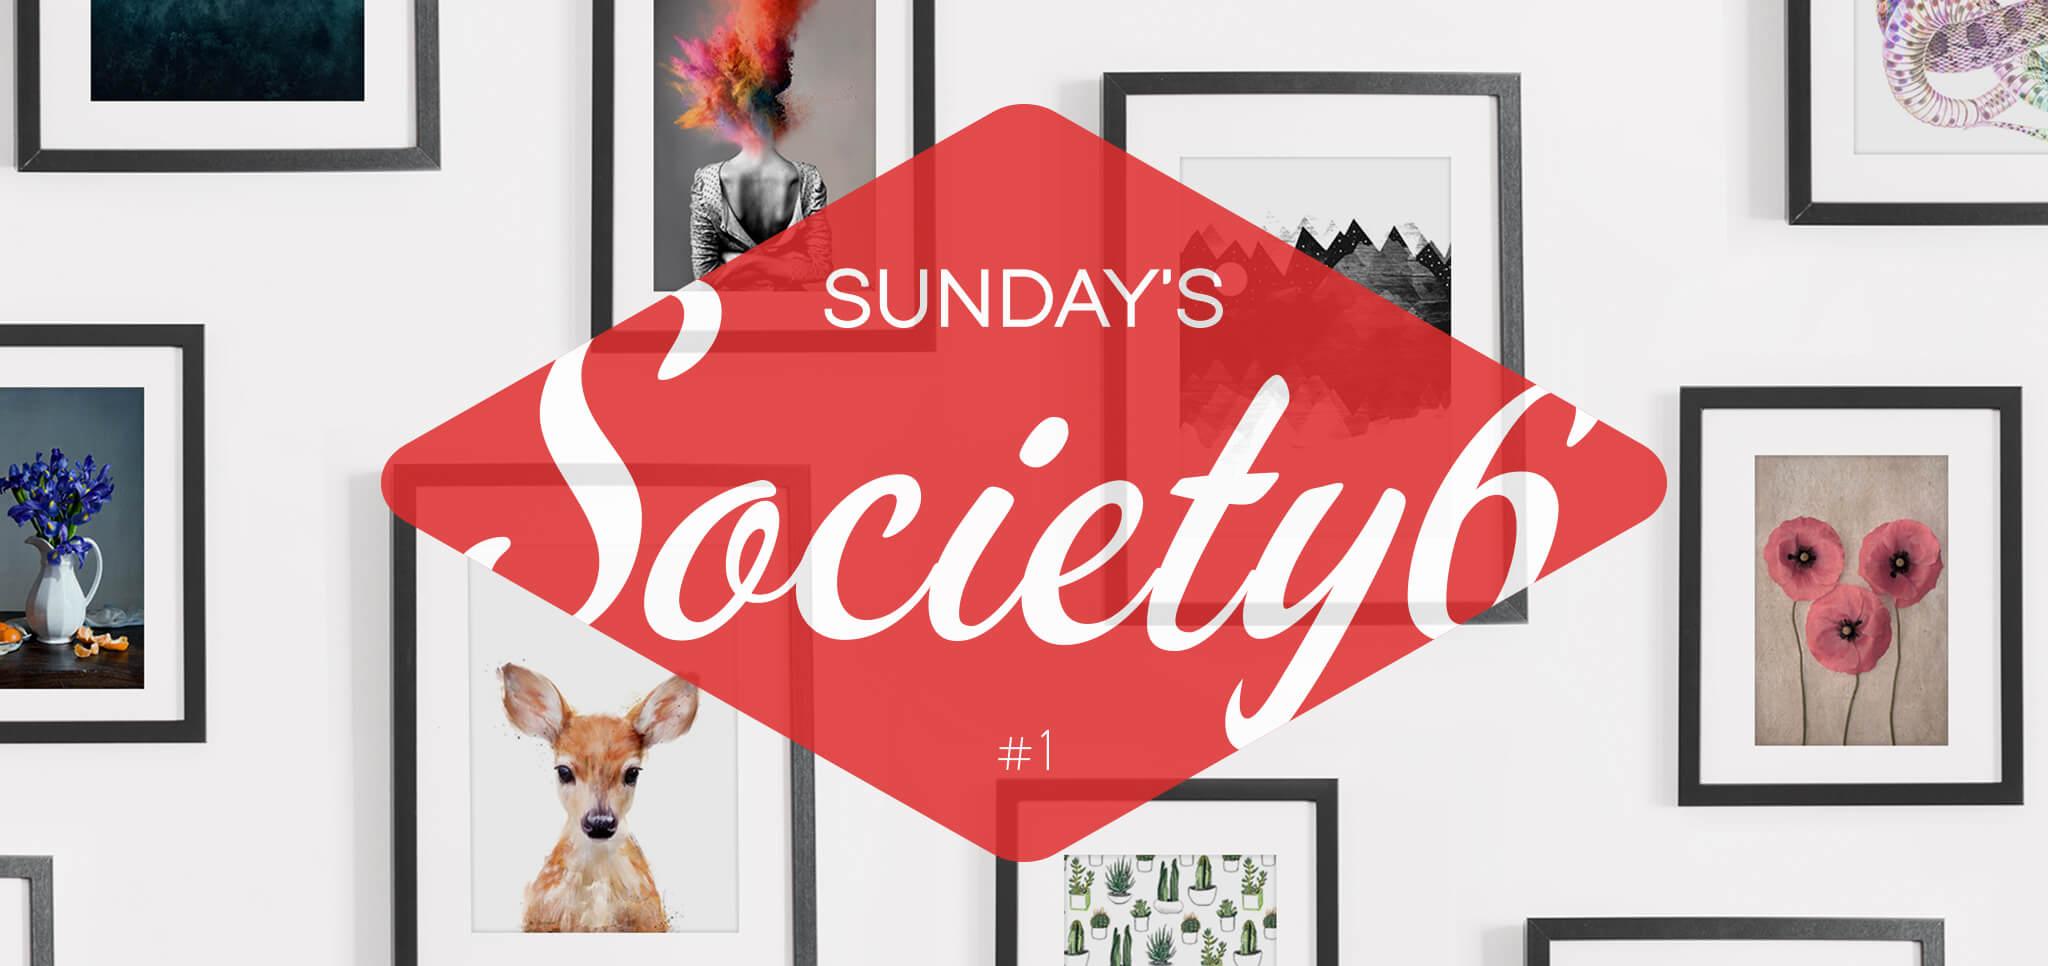 Sunday's Society6 #1 header